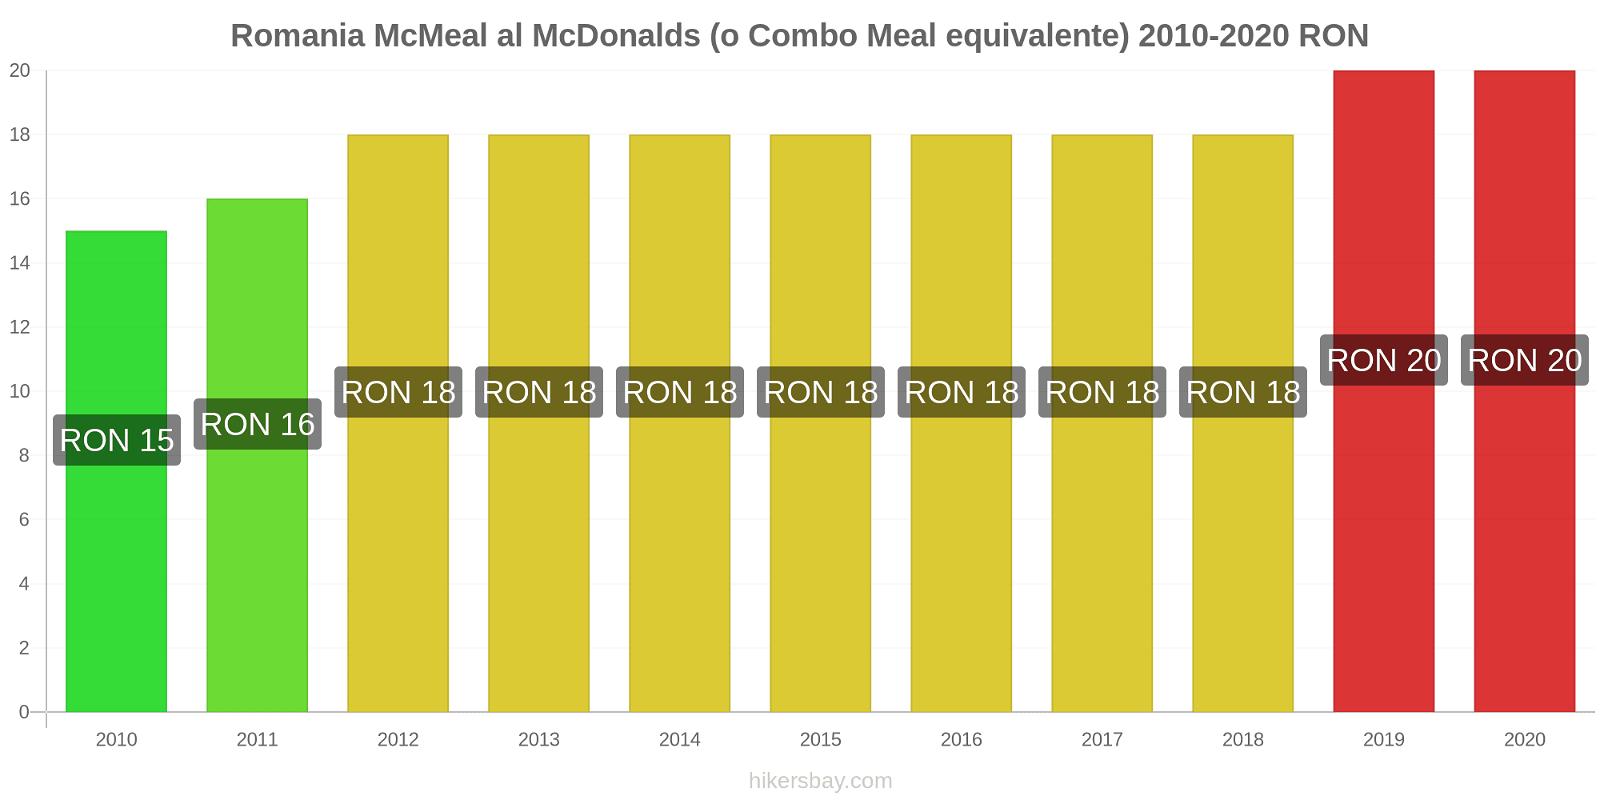 Romania variazioni di prezzo McMeal al McDonalds (o in un equivalente fastfood) hikersbay.com